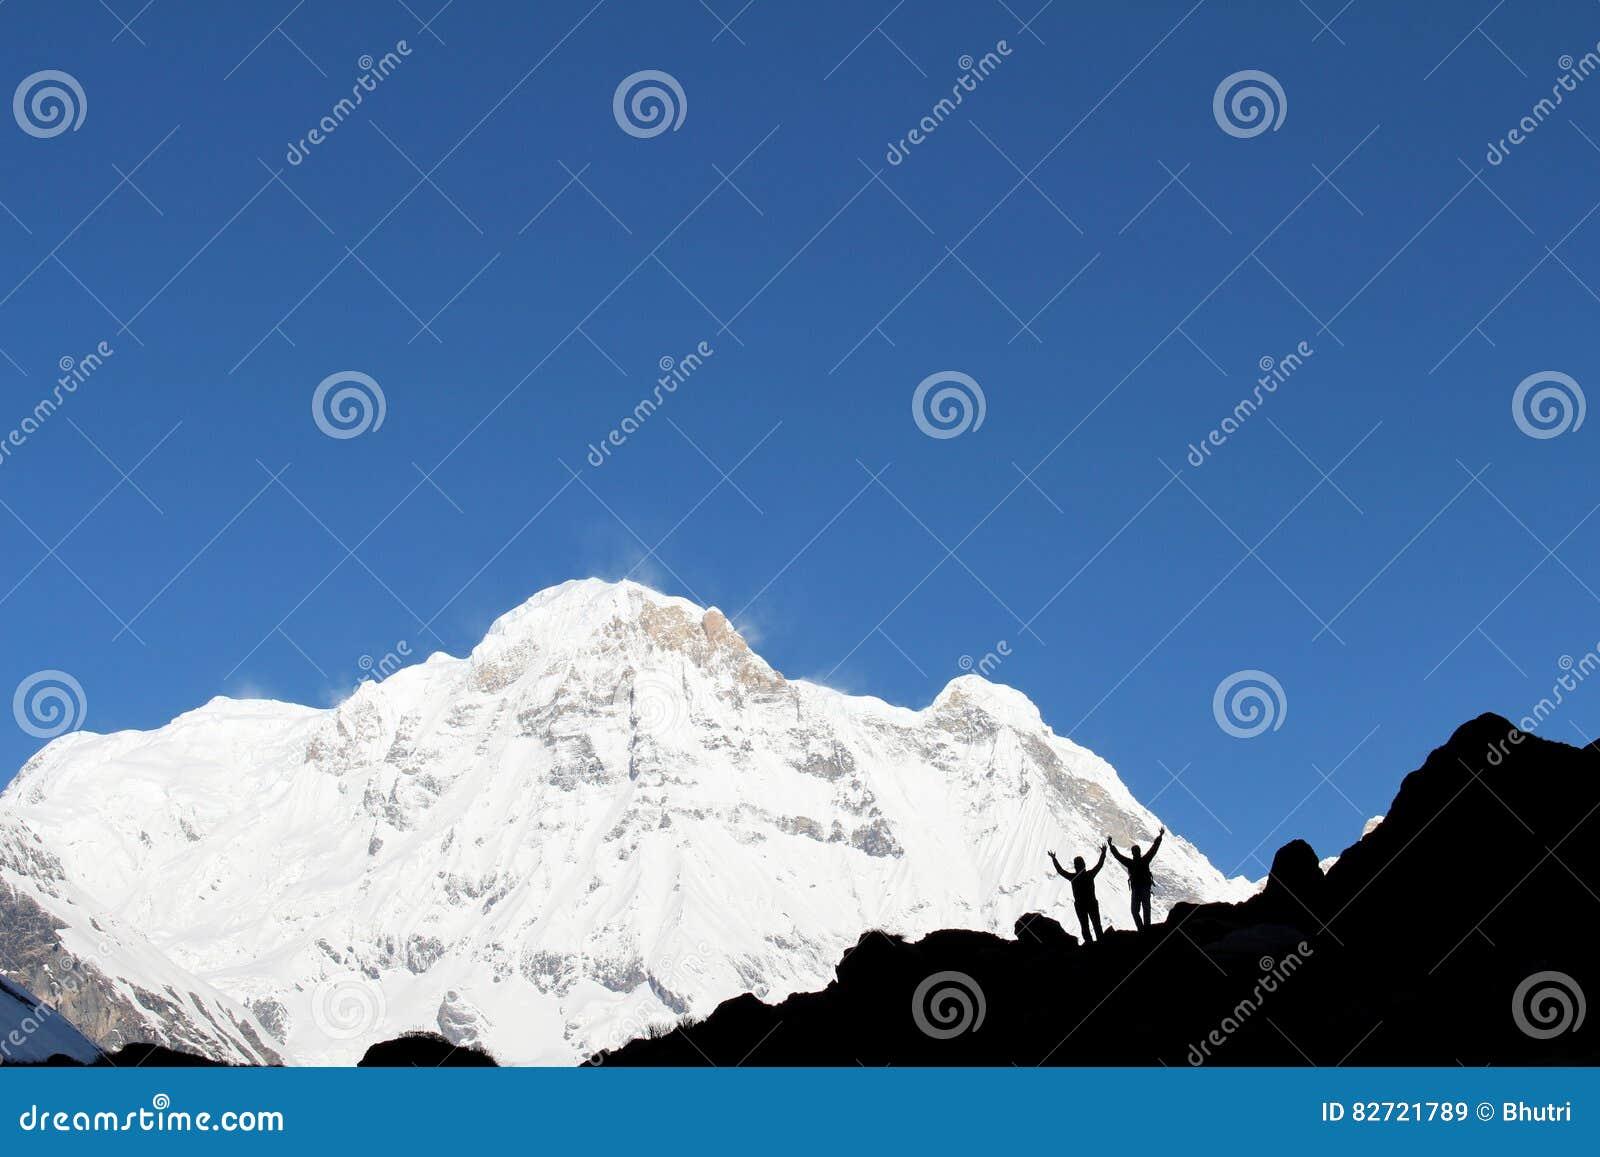 安纳布尔纳峰营地的游人